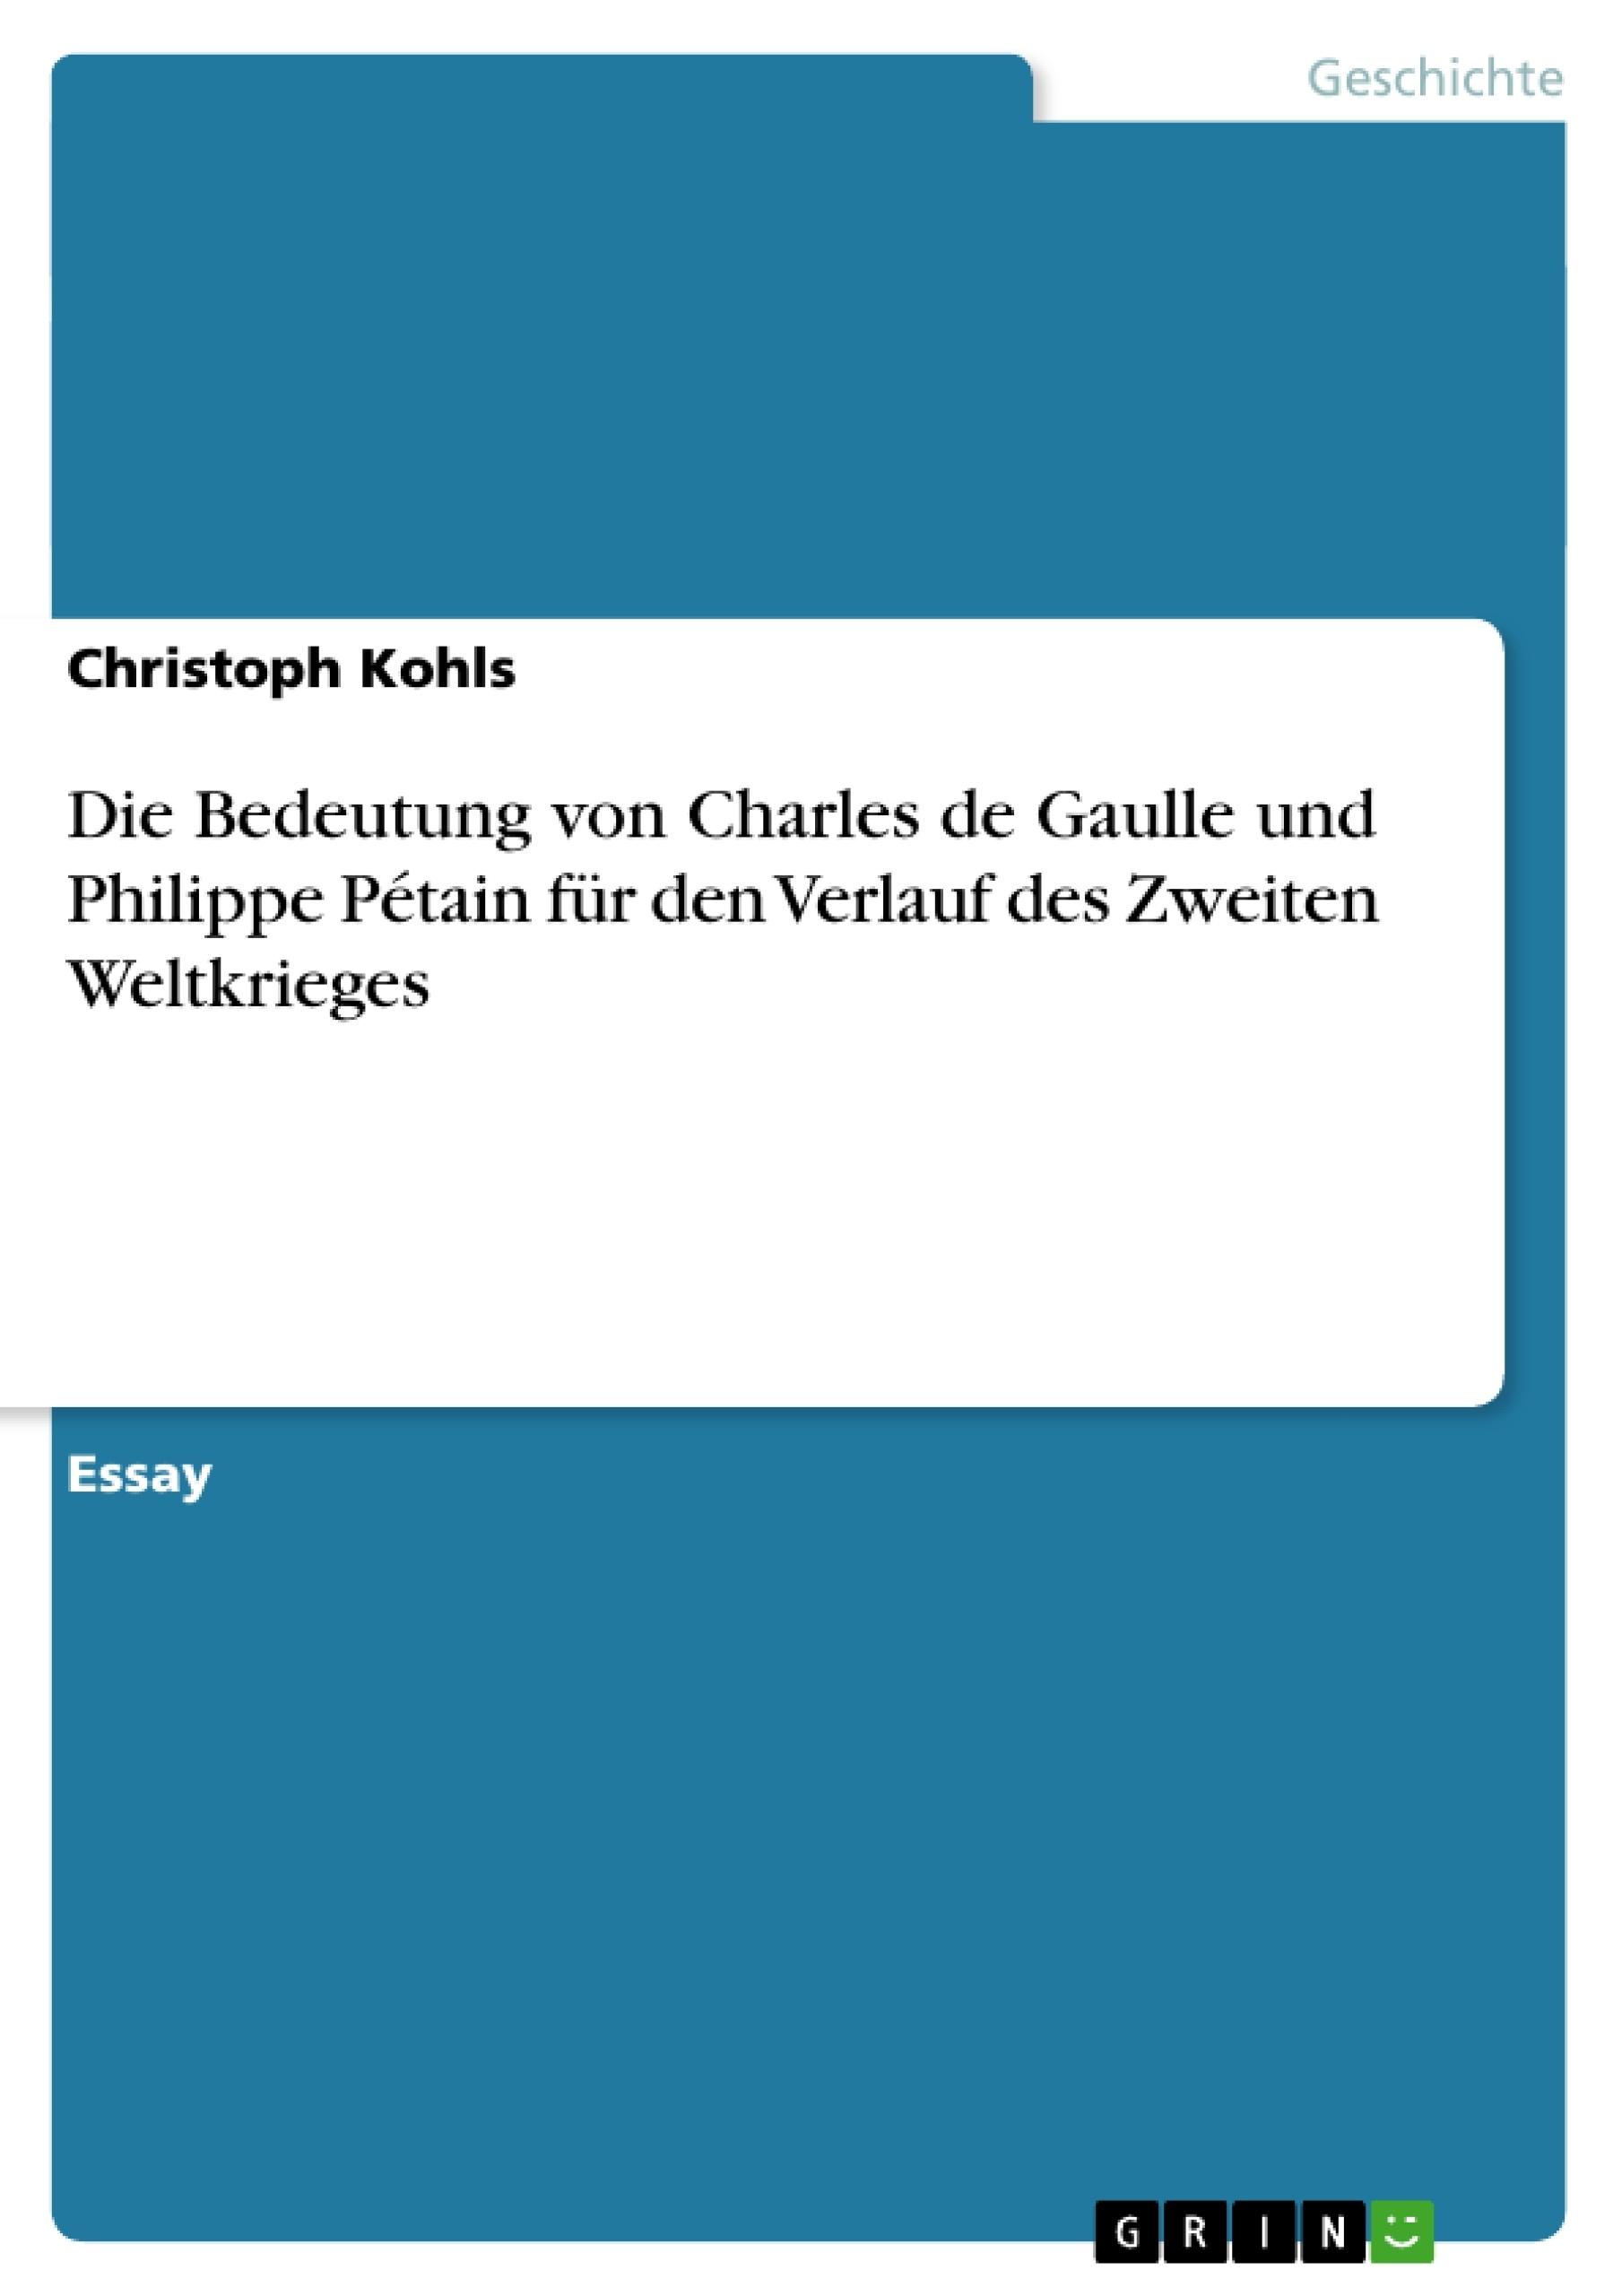 Titel: Die Bedeutung von Charles de Gaulle und Philippe Pétain für den Verlauf des Zweiten Weltkrieges